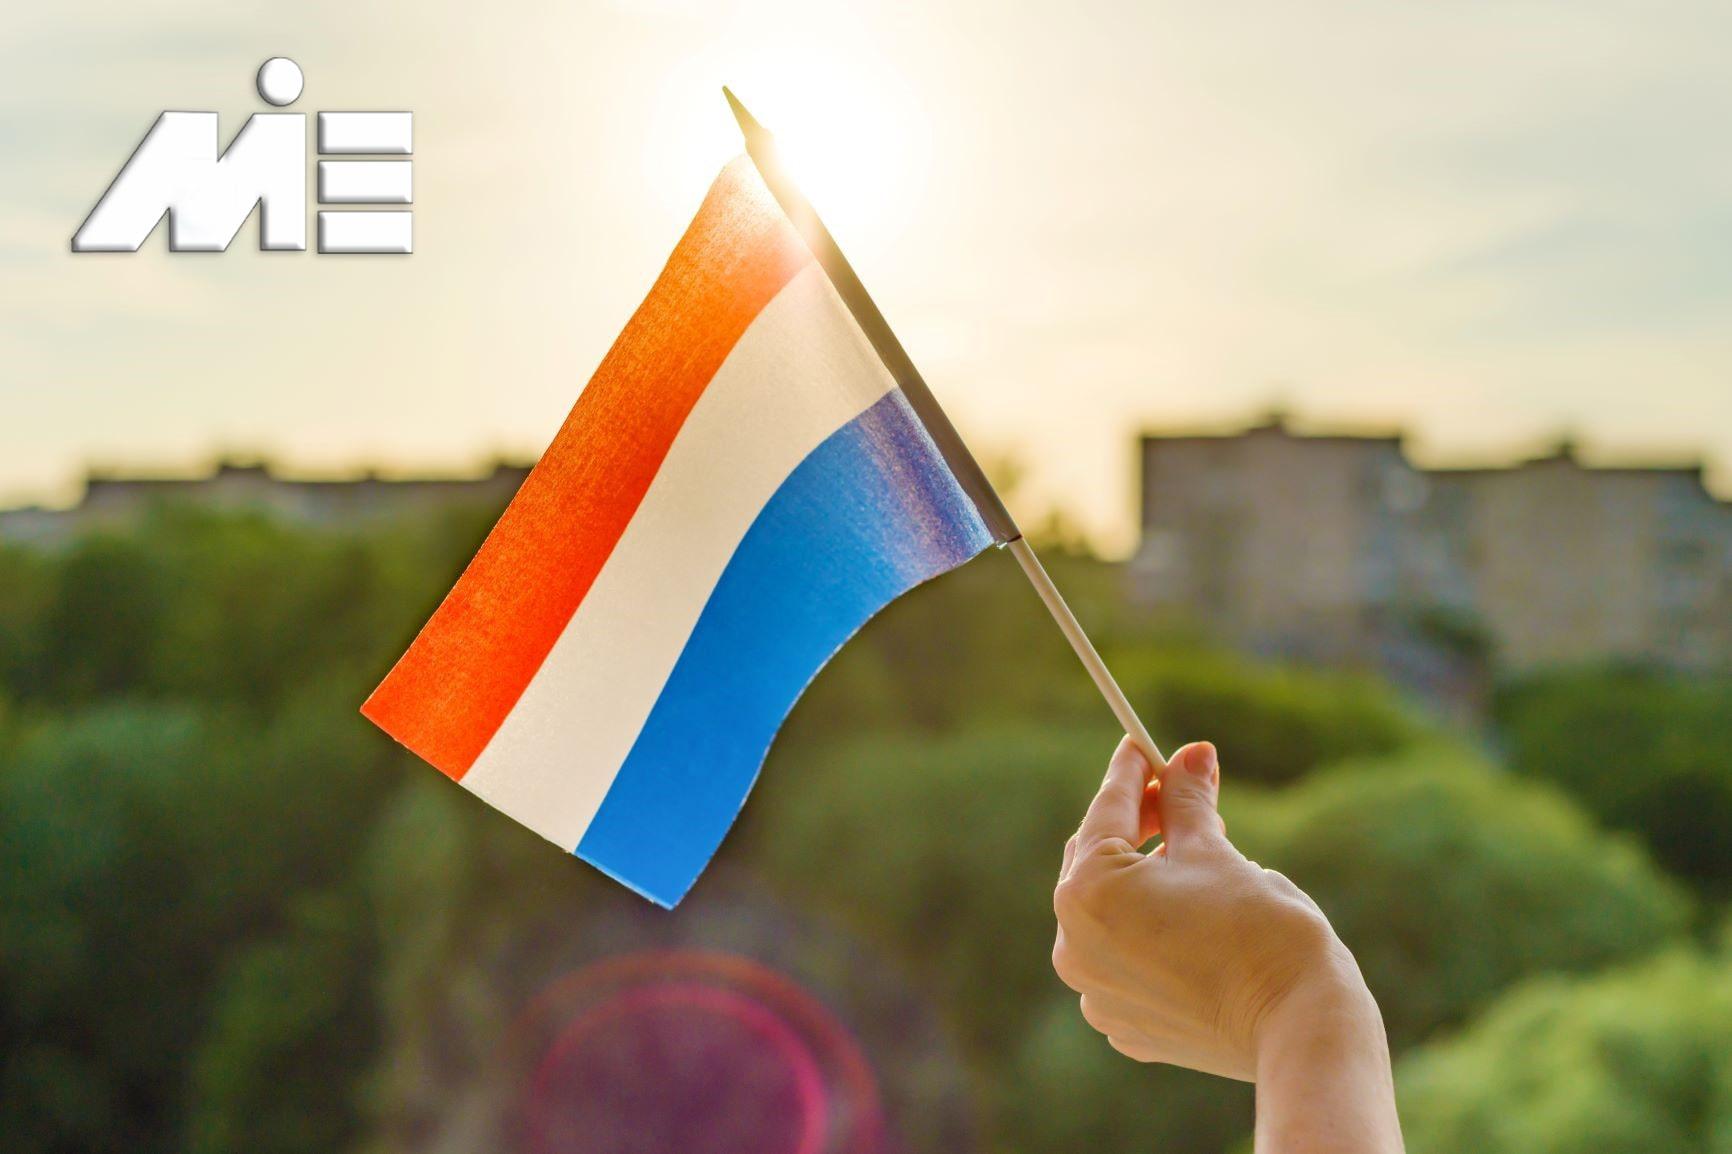 پرچم هلند - اقامت هلند - مهاجرت به هلند - پاسپورت هلند - ویزای هلند